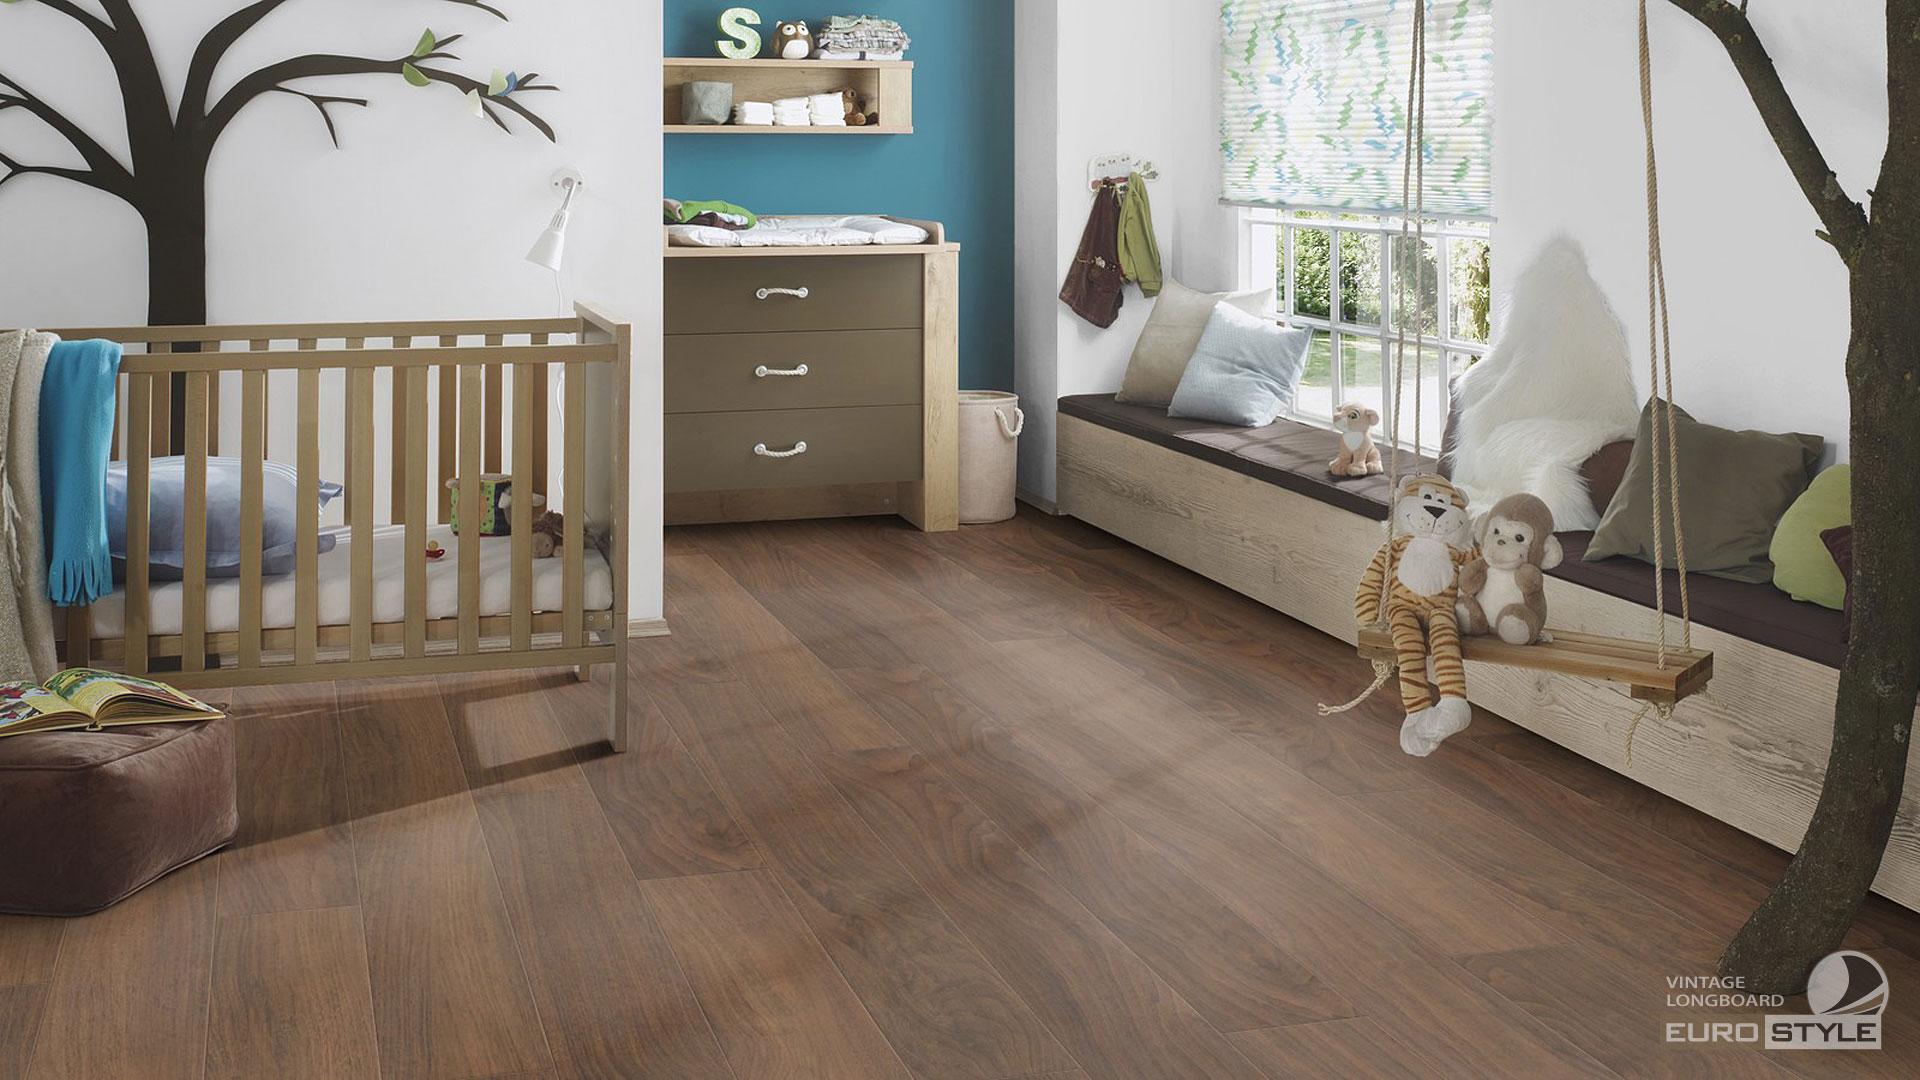 EUROSTYLE Vintage Longboard Laminate Flooring